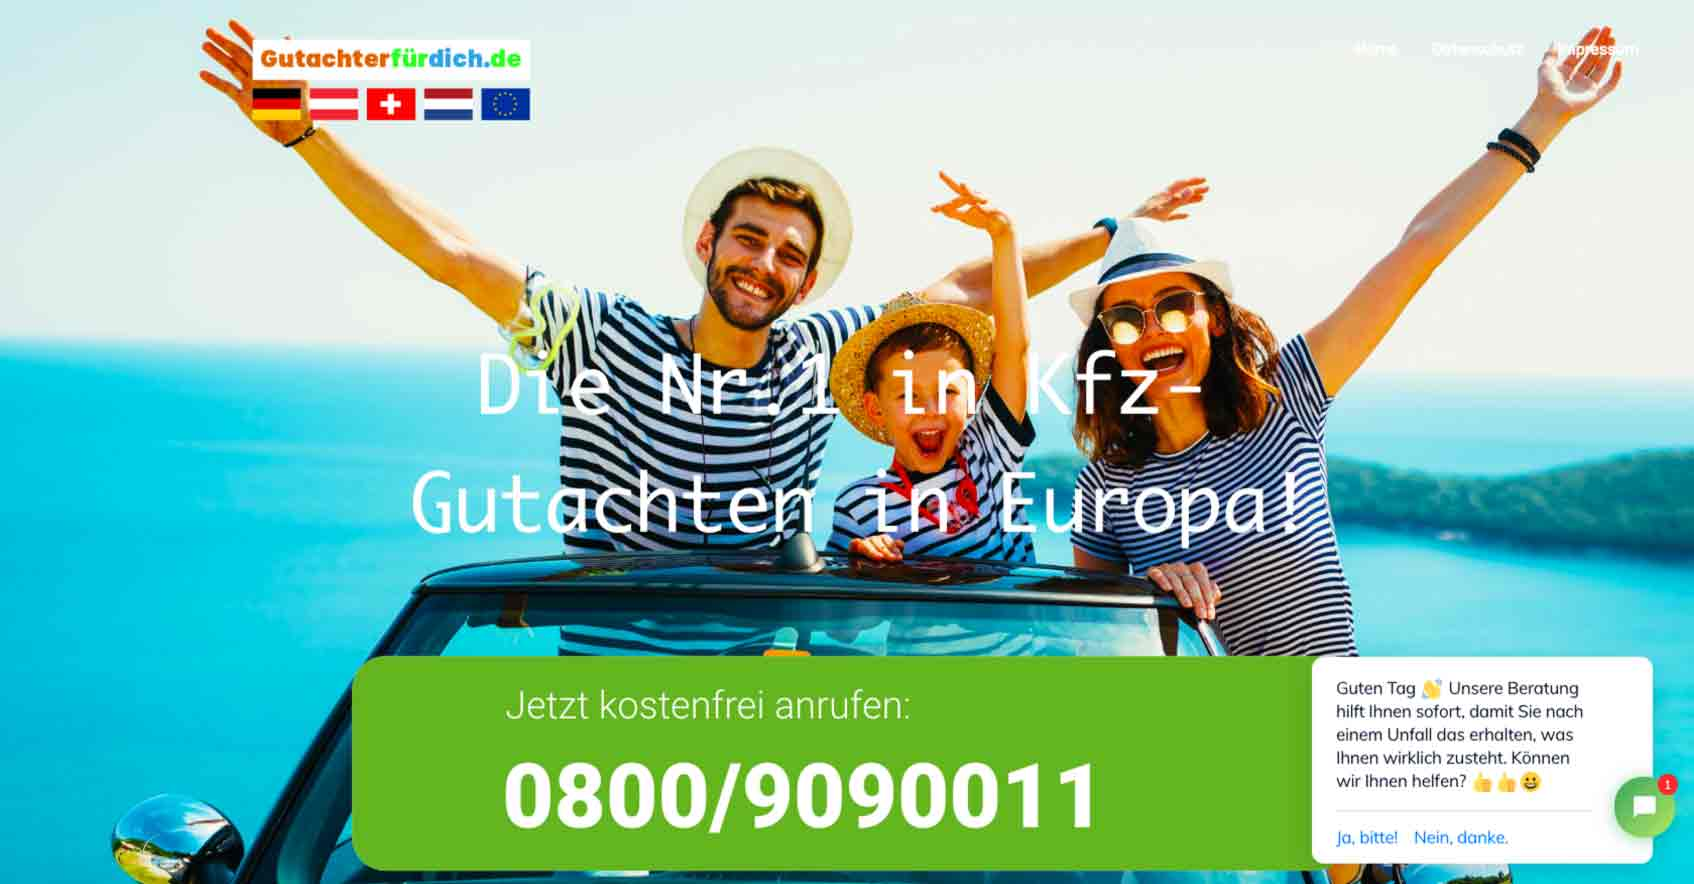 Screenshot von Internetauftritt und diesbezüglichen Webseite bzw.Website